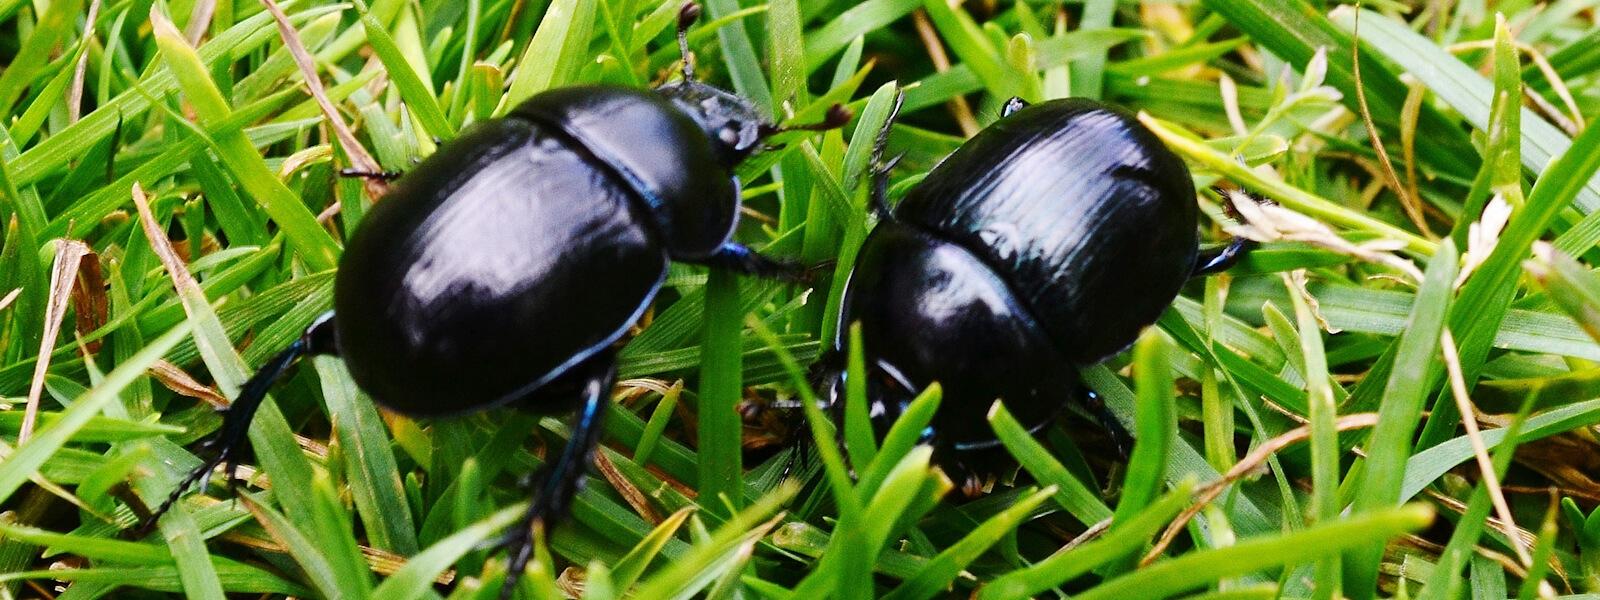 Couple of Beetles walking through grass